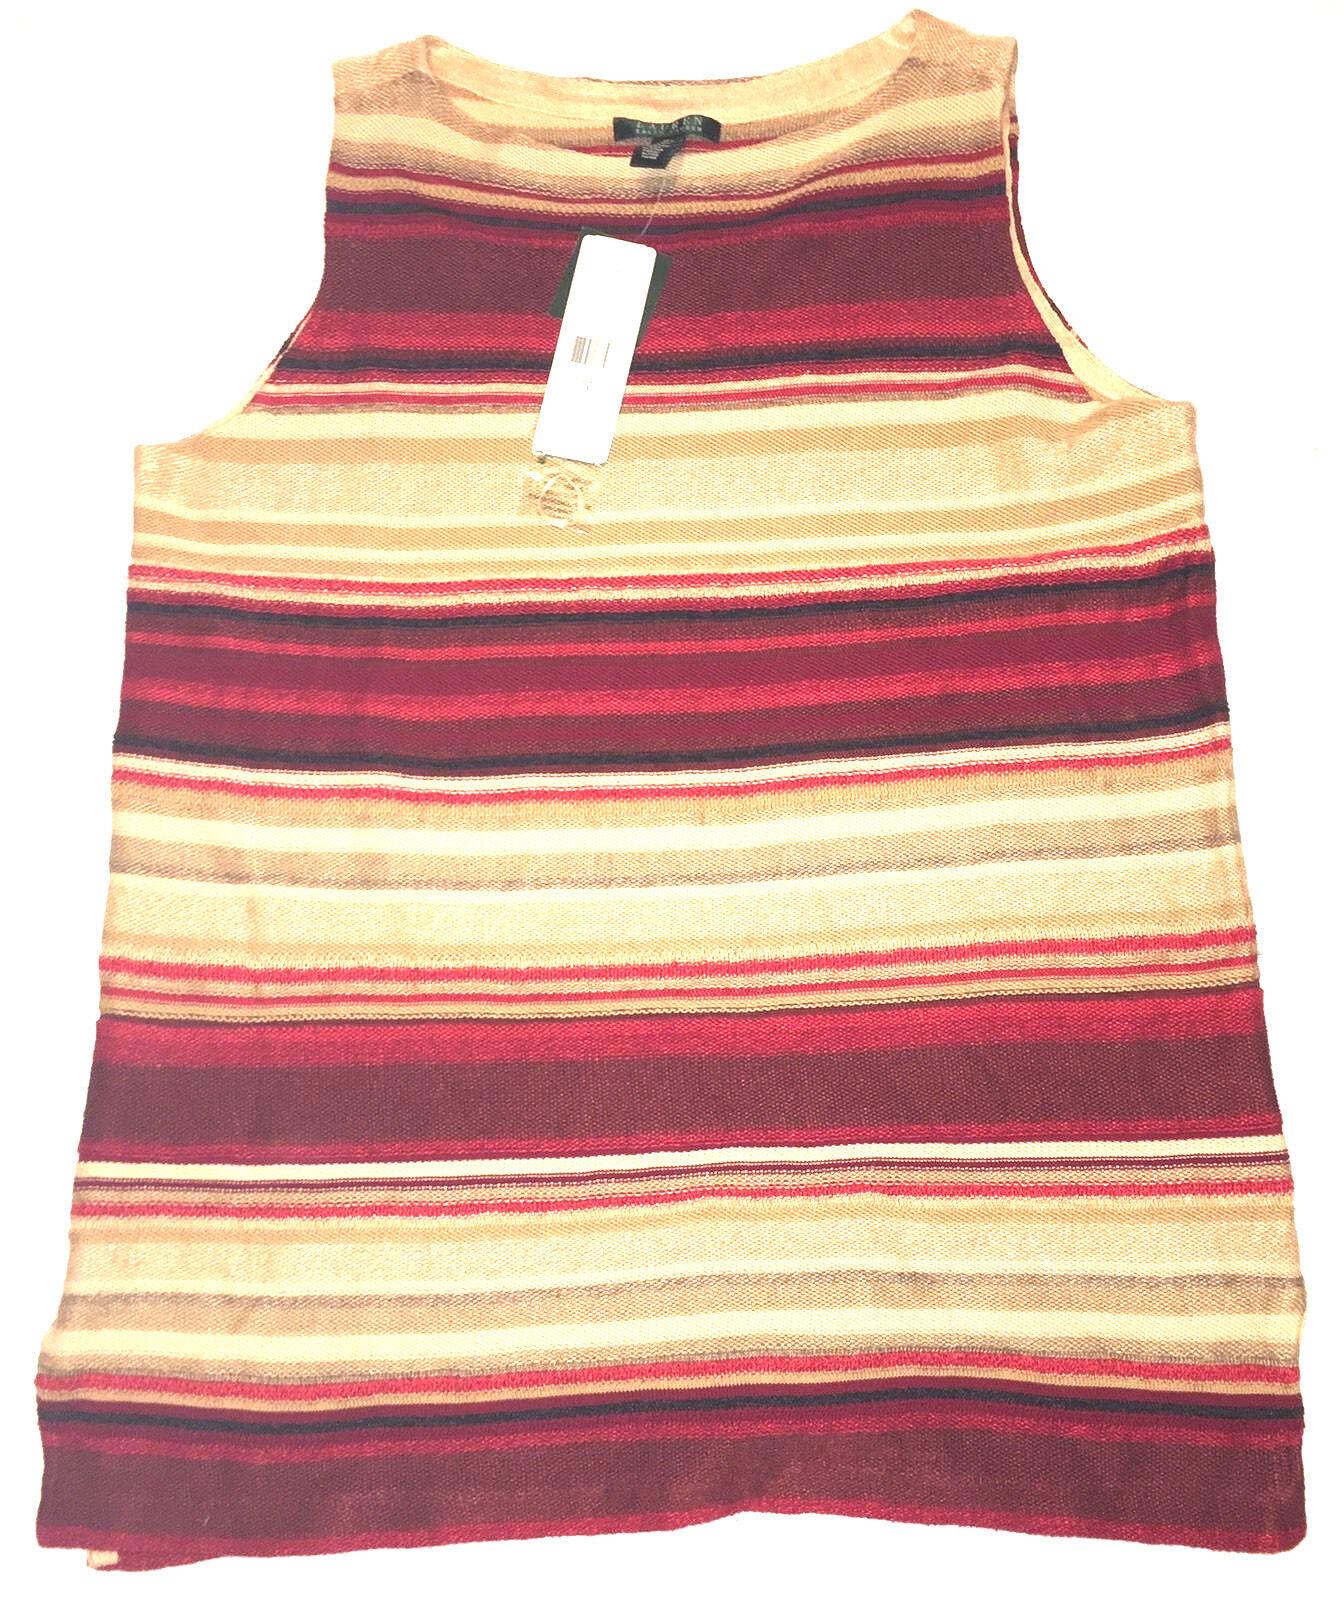 RALPH LAUREN rot braun Striped Linen Cotton Sleeveless Sweater Long Top 1X NEW